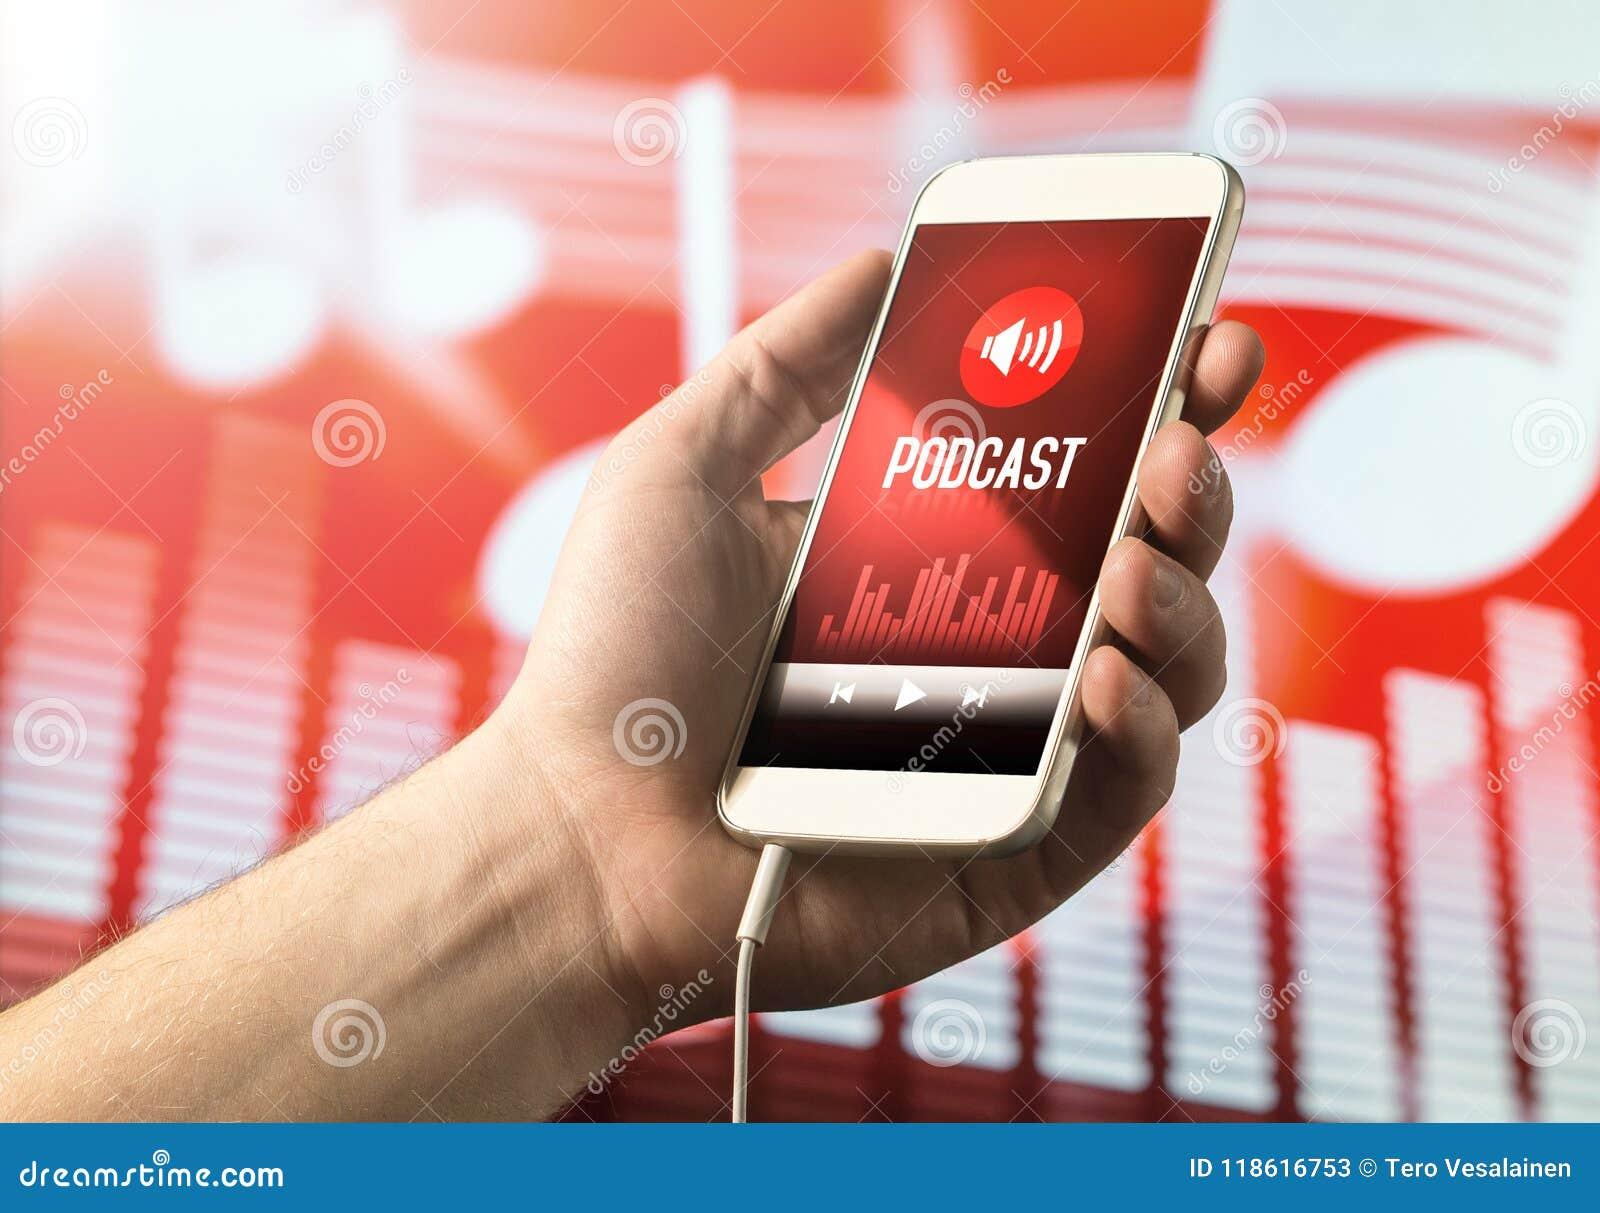 Smartphone van de handholding met podcast app op het scherm